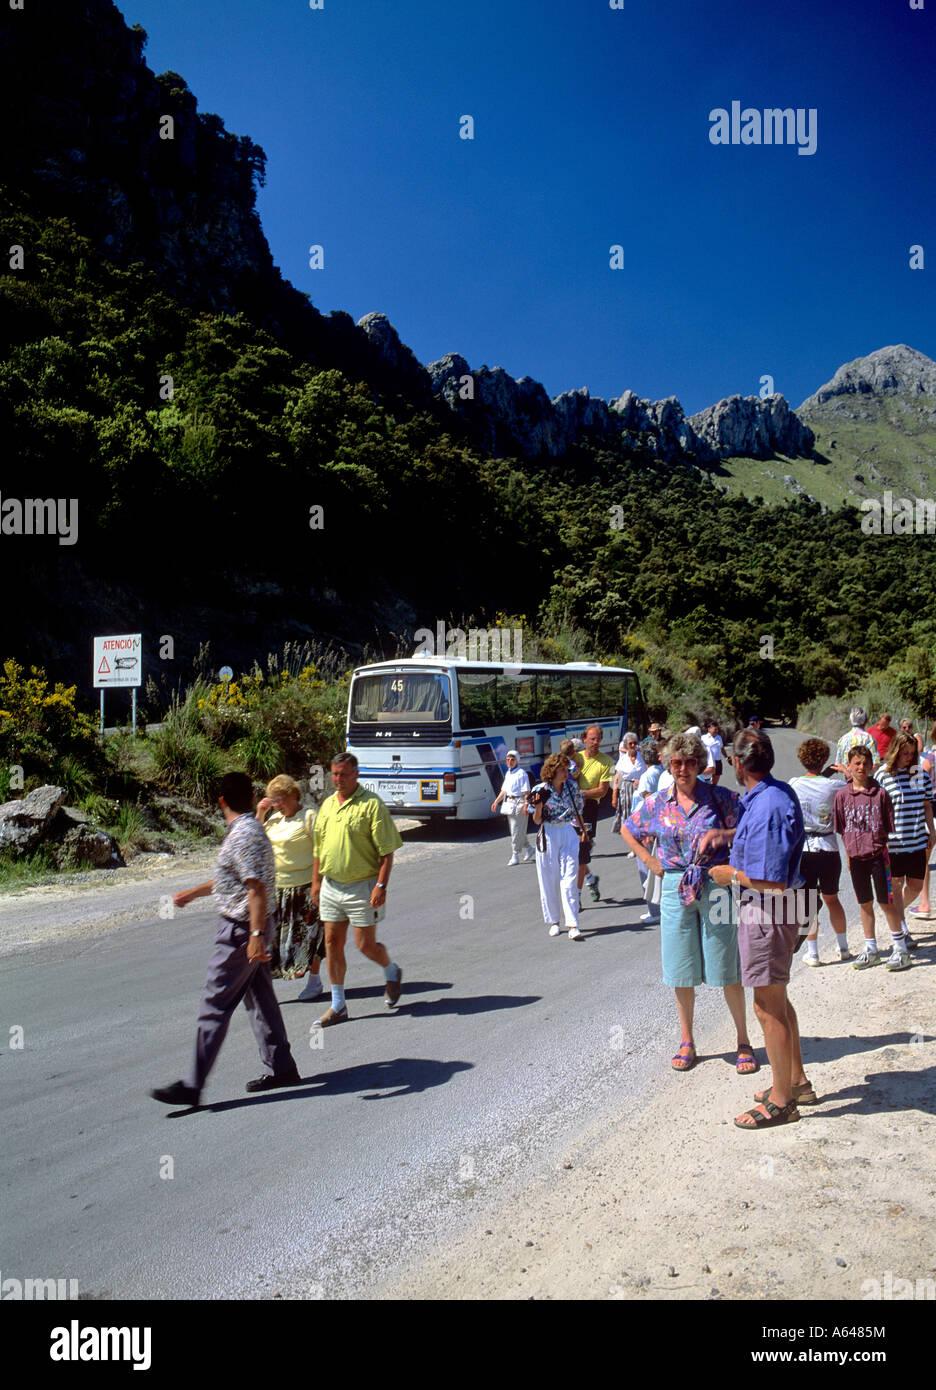 Los turistas en viaje de turismo tras romper isla de Mallorca islas baleares españa sólo para uso editorial Imagen De Stock